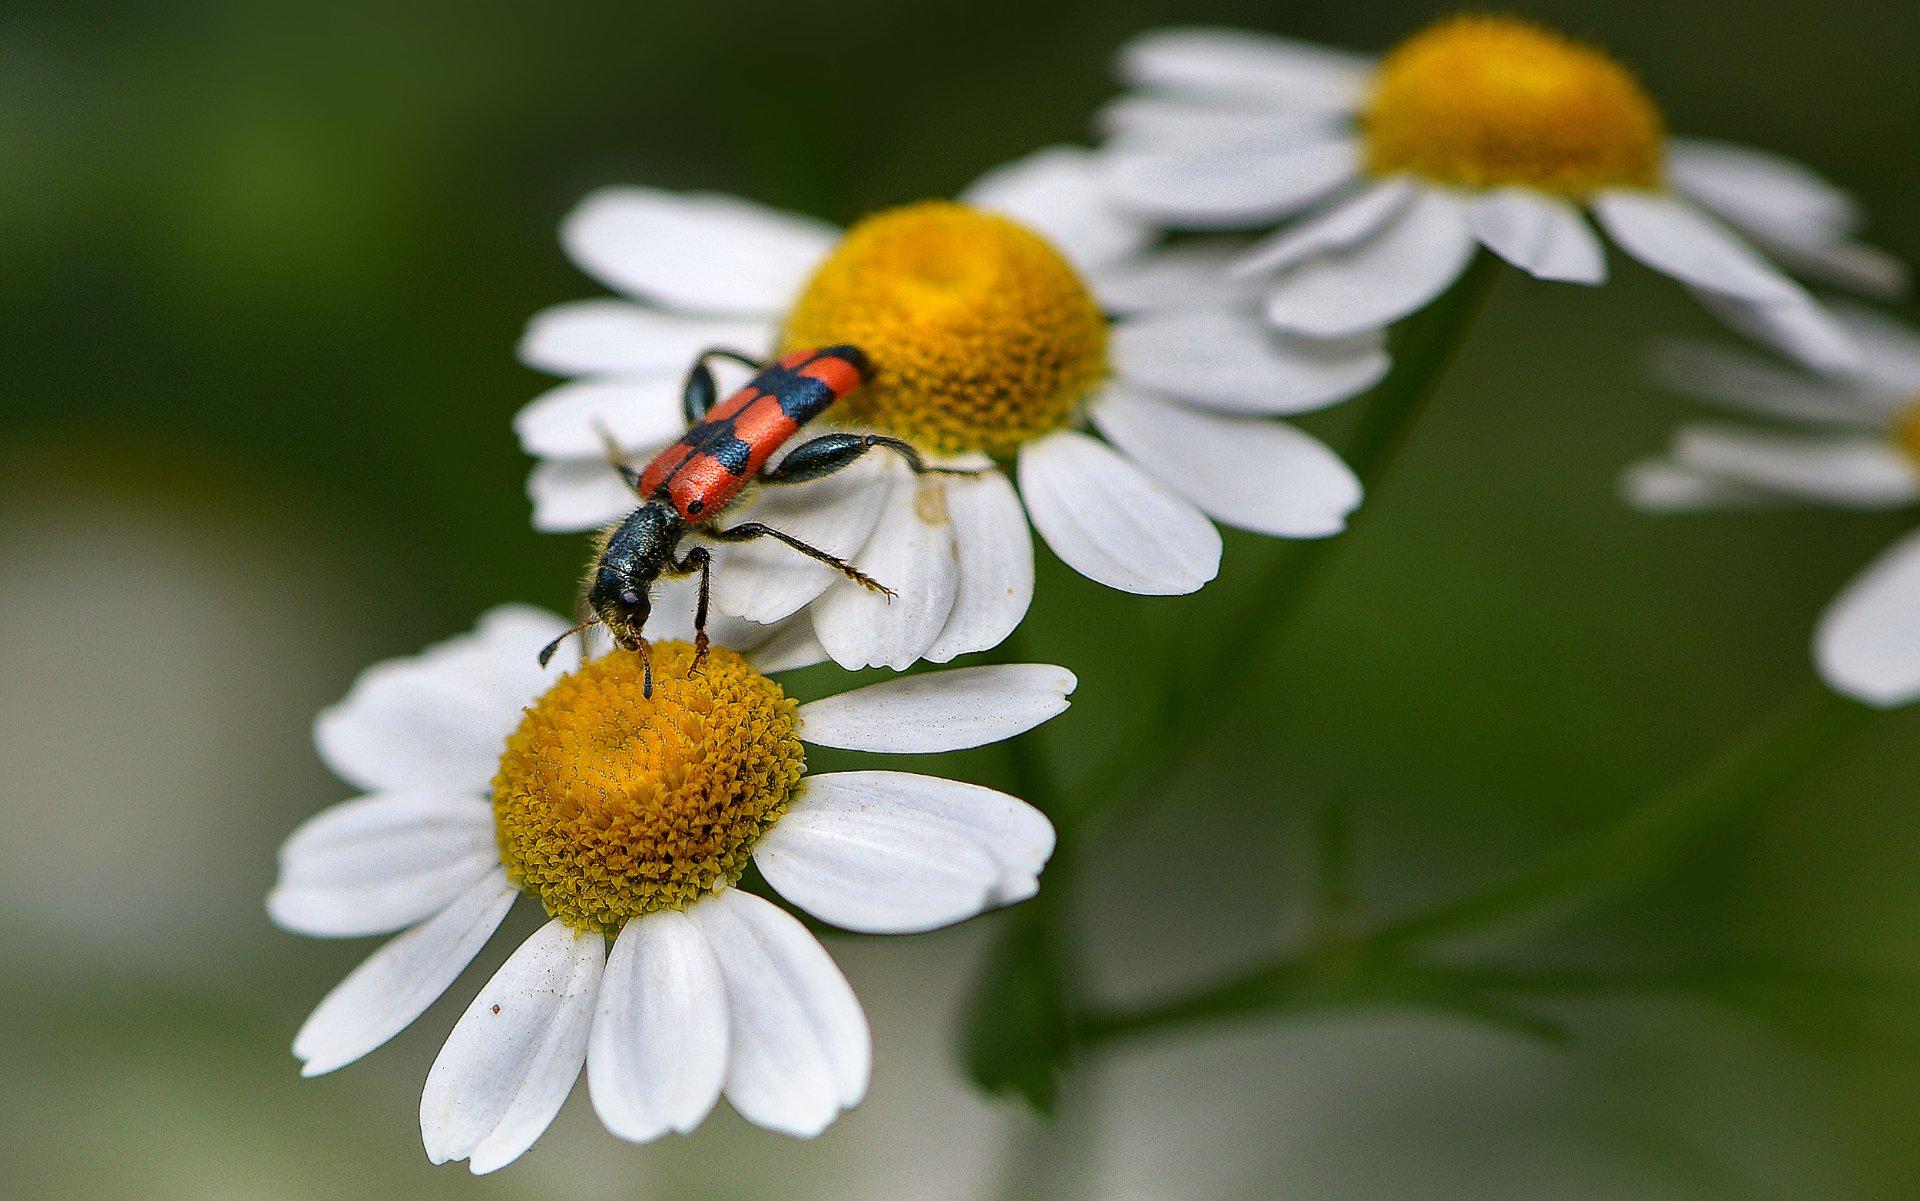 природа, макро, цветы, ромашка, насекомое, жук, пестряк пчелиный, Неля Рачкова